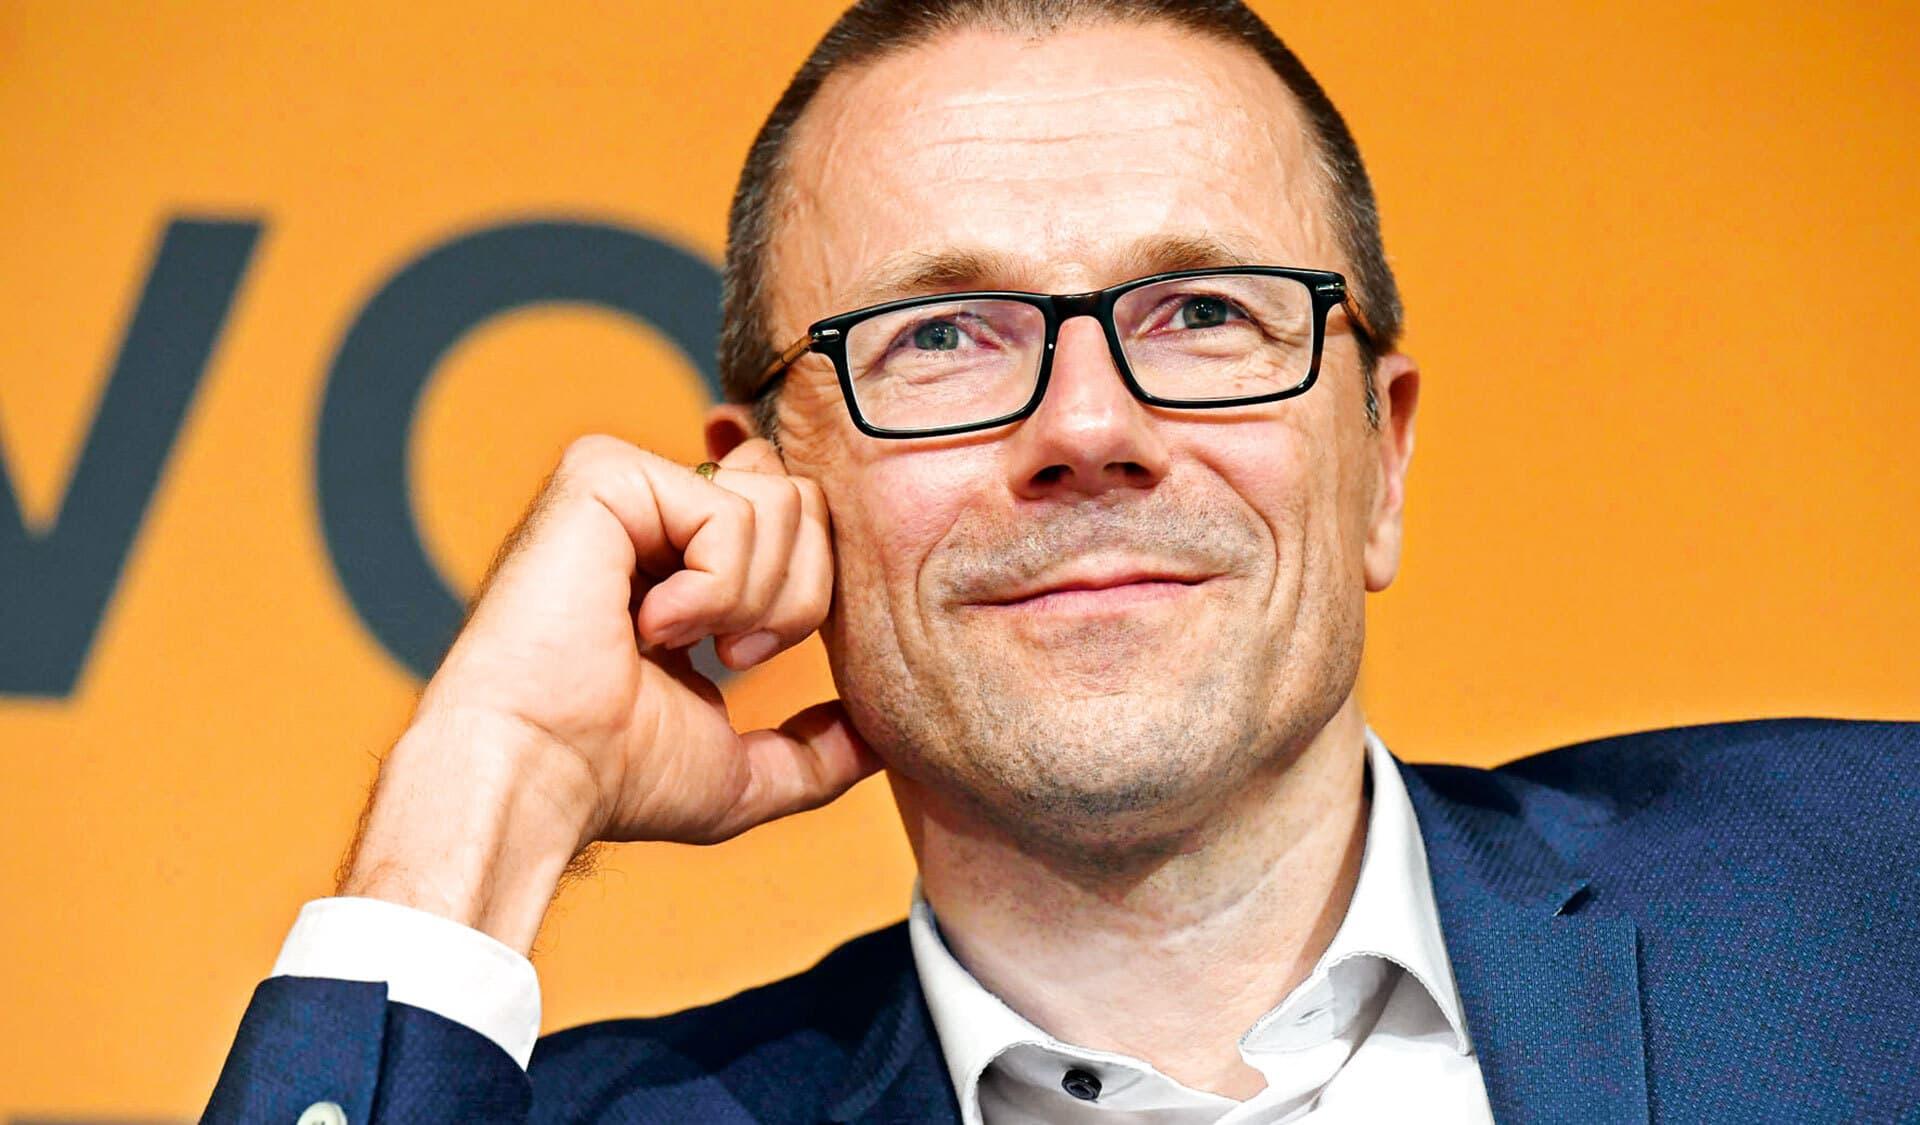 Porträtfoto von Uwe Schneidewind. Er lächelt freundlich.